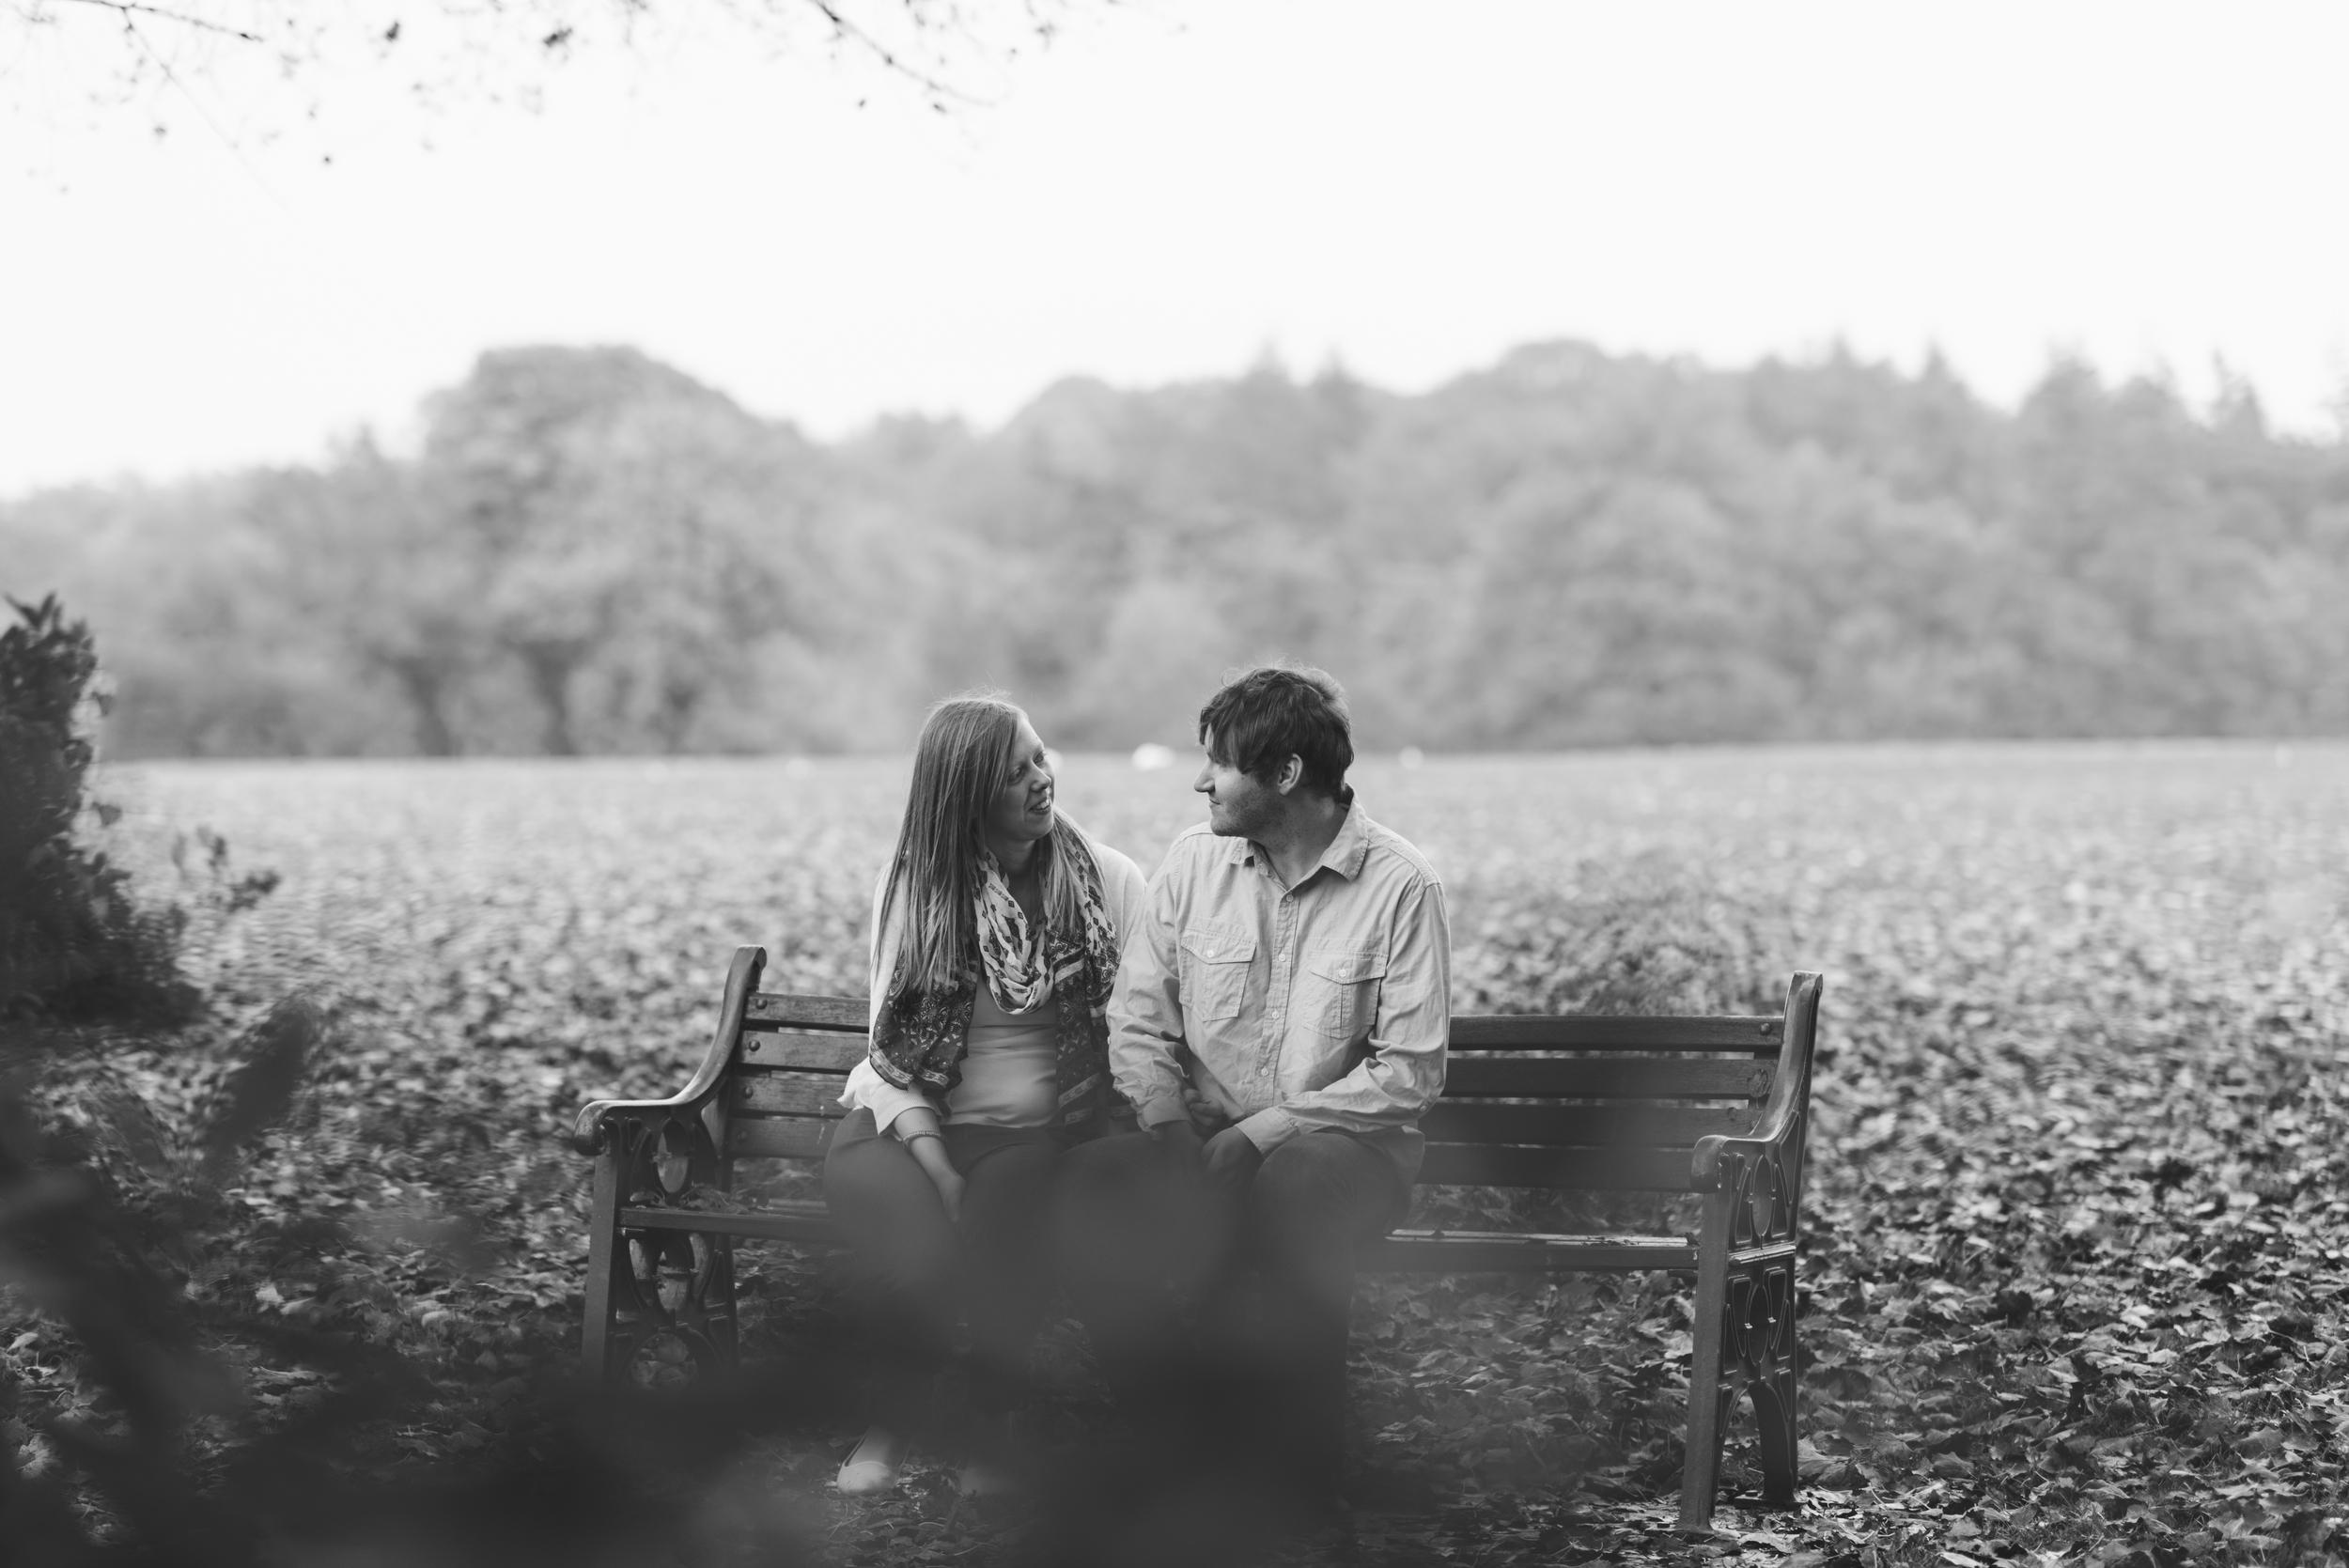 Northern_Ireland_Engagement_Photography_purephotoni_Lurgan_Park_Mono